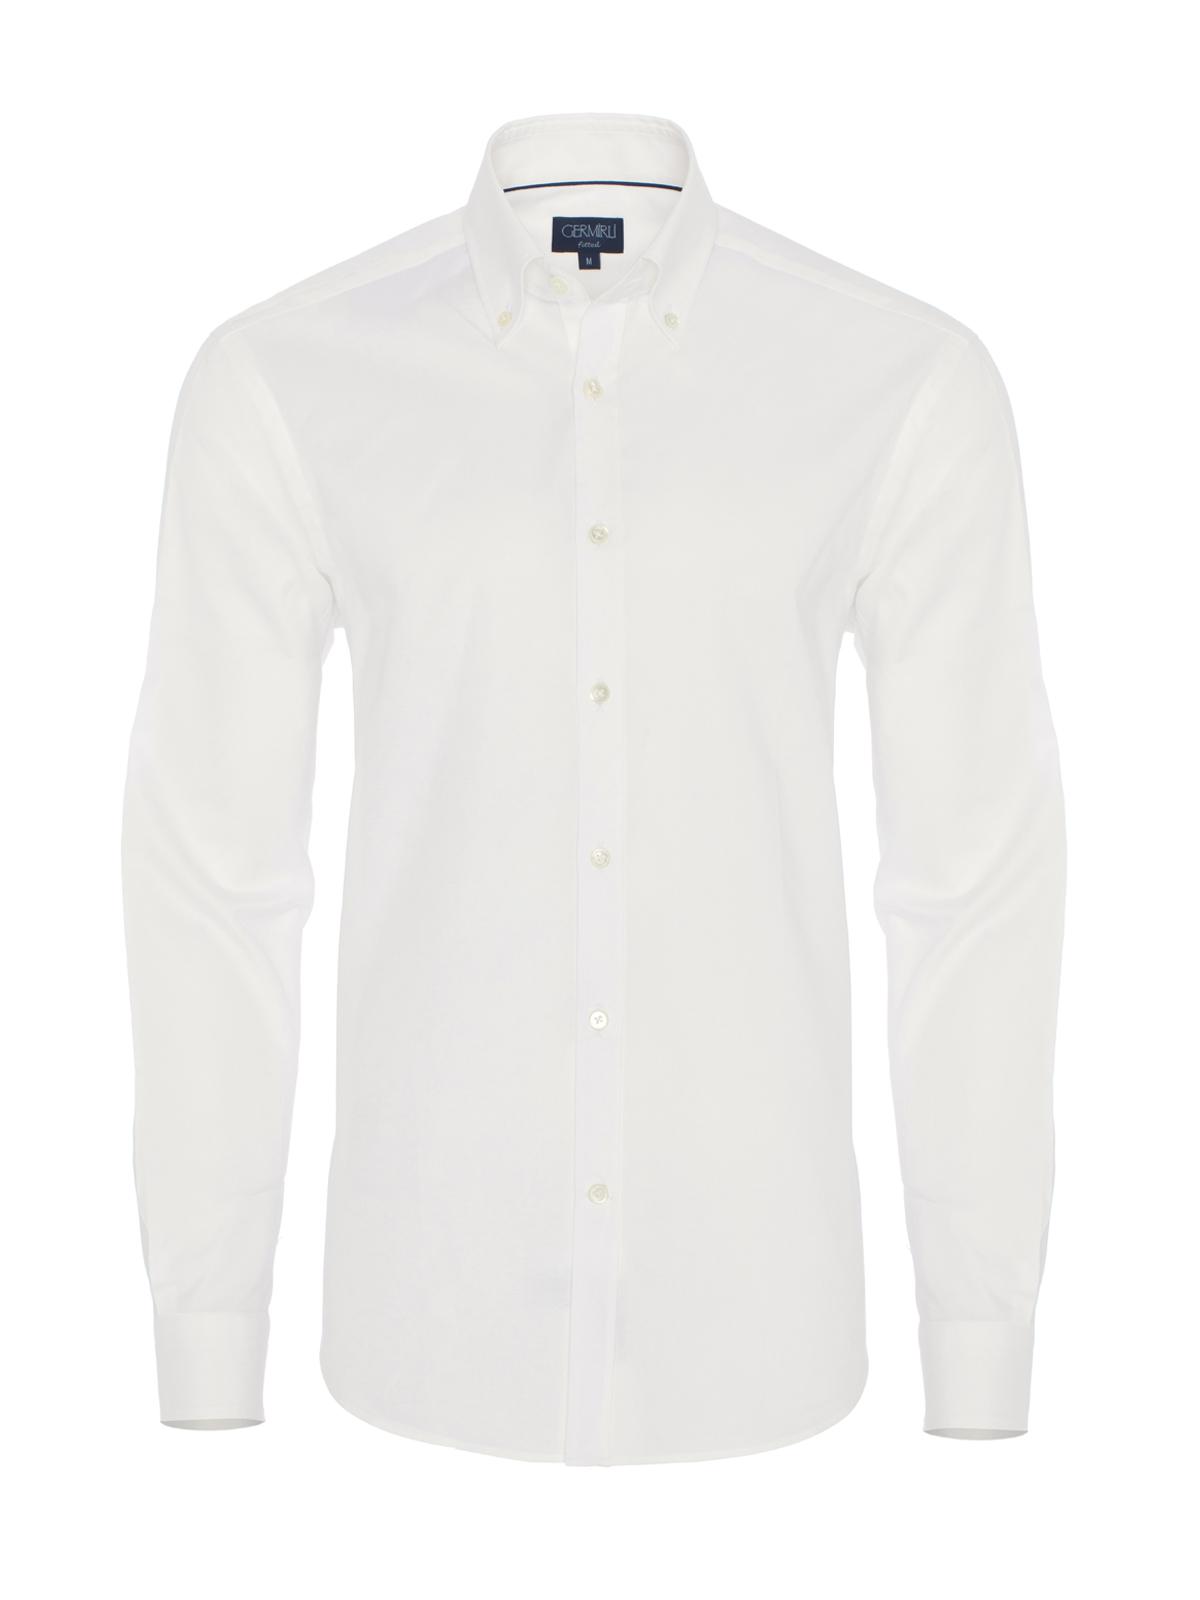 Germirli Beyaz Panama Düğmeli Yaka Tailor Fit Gömlek